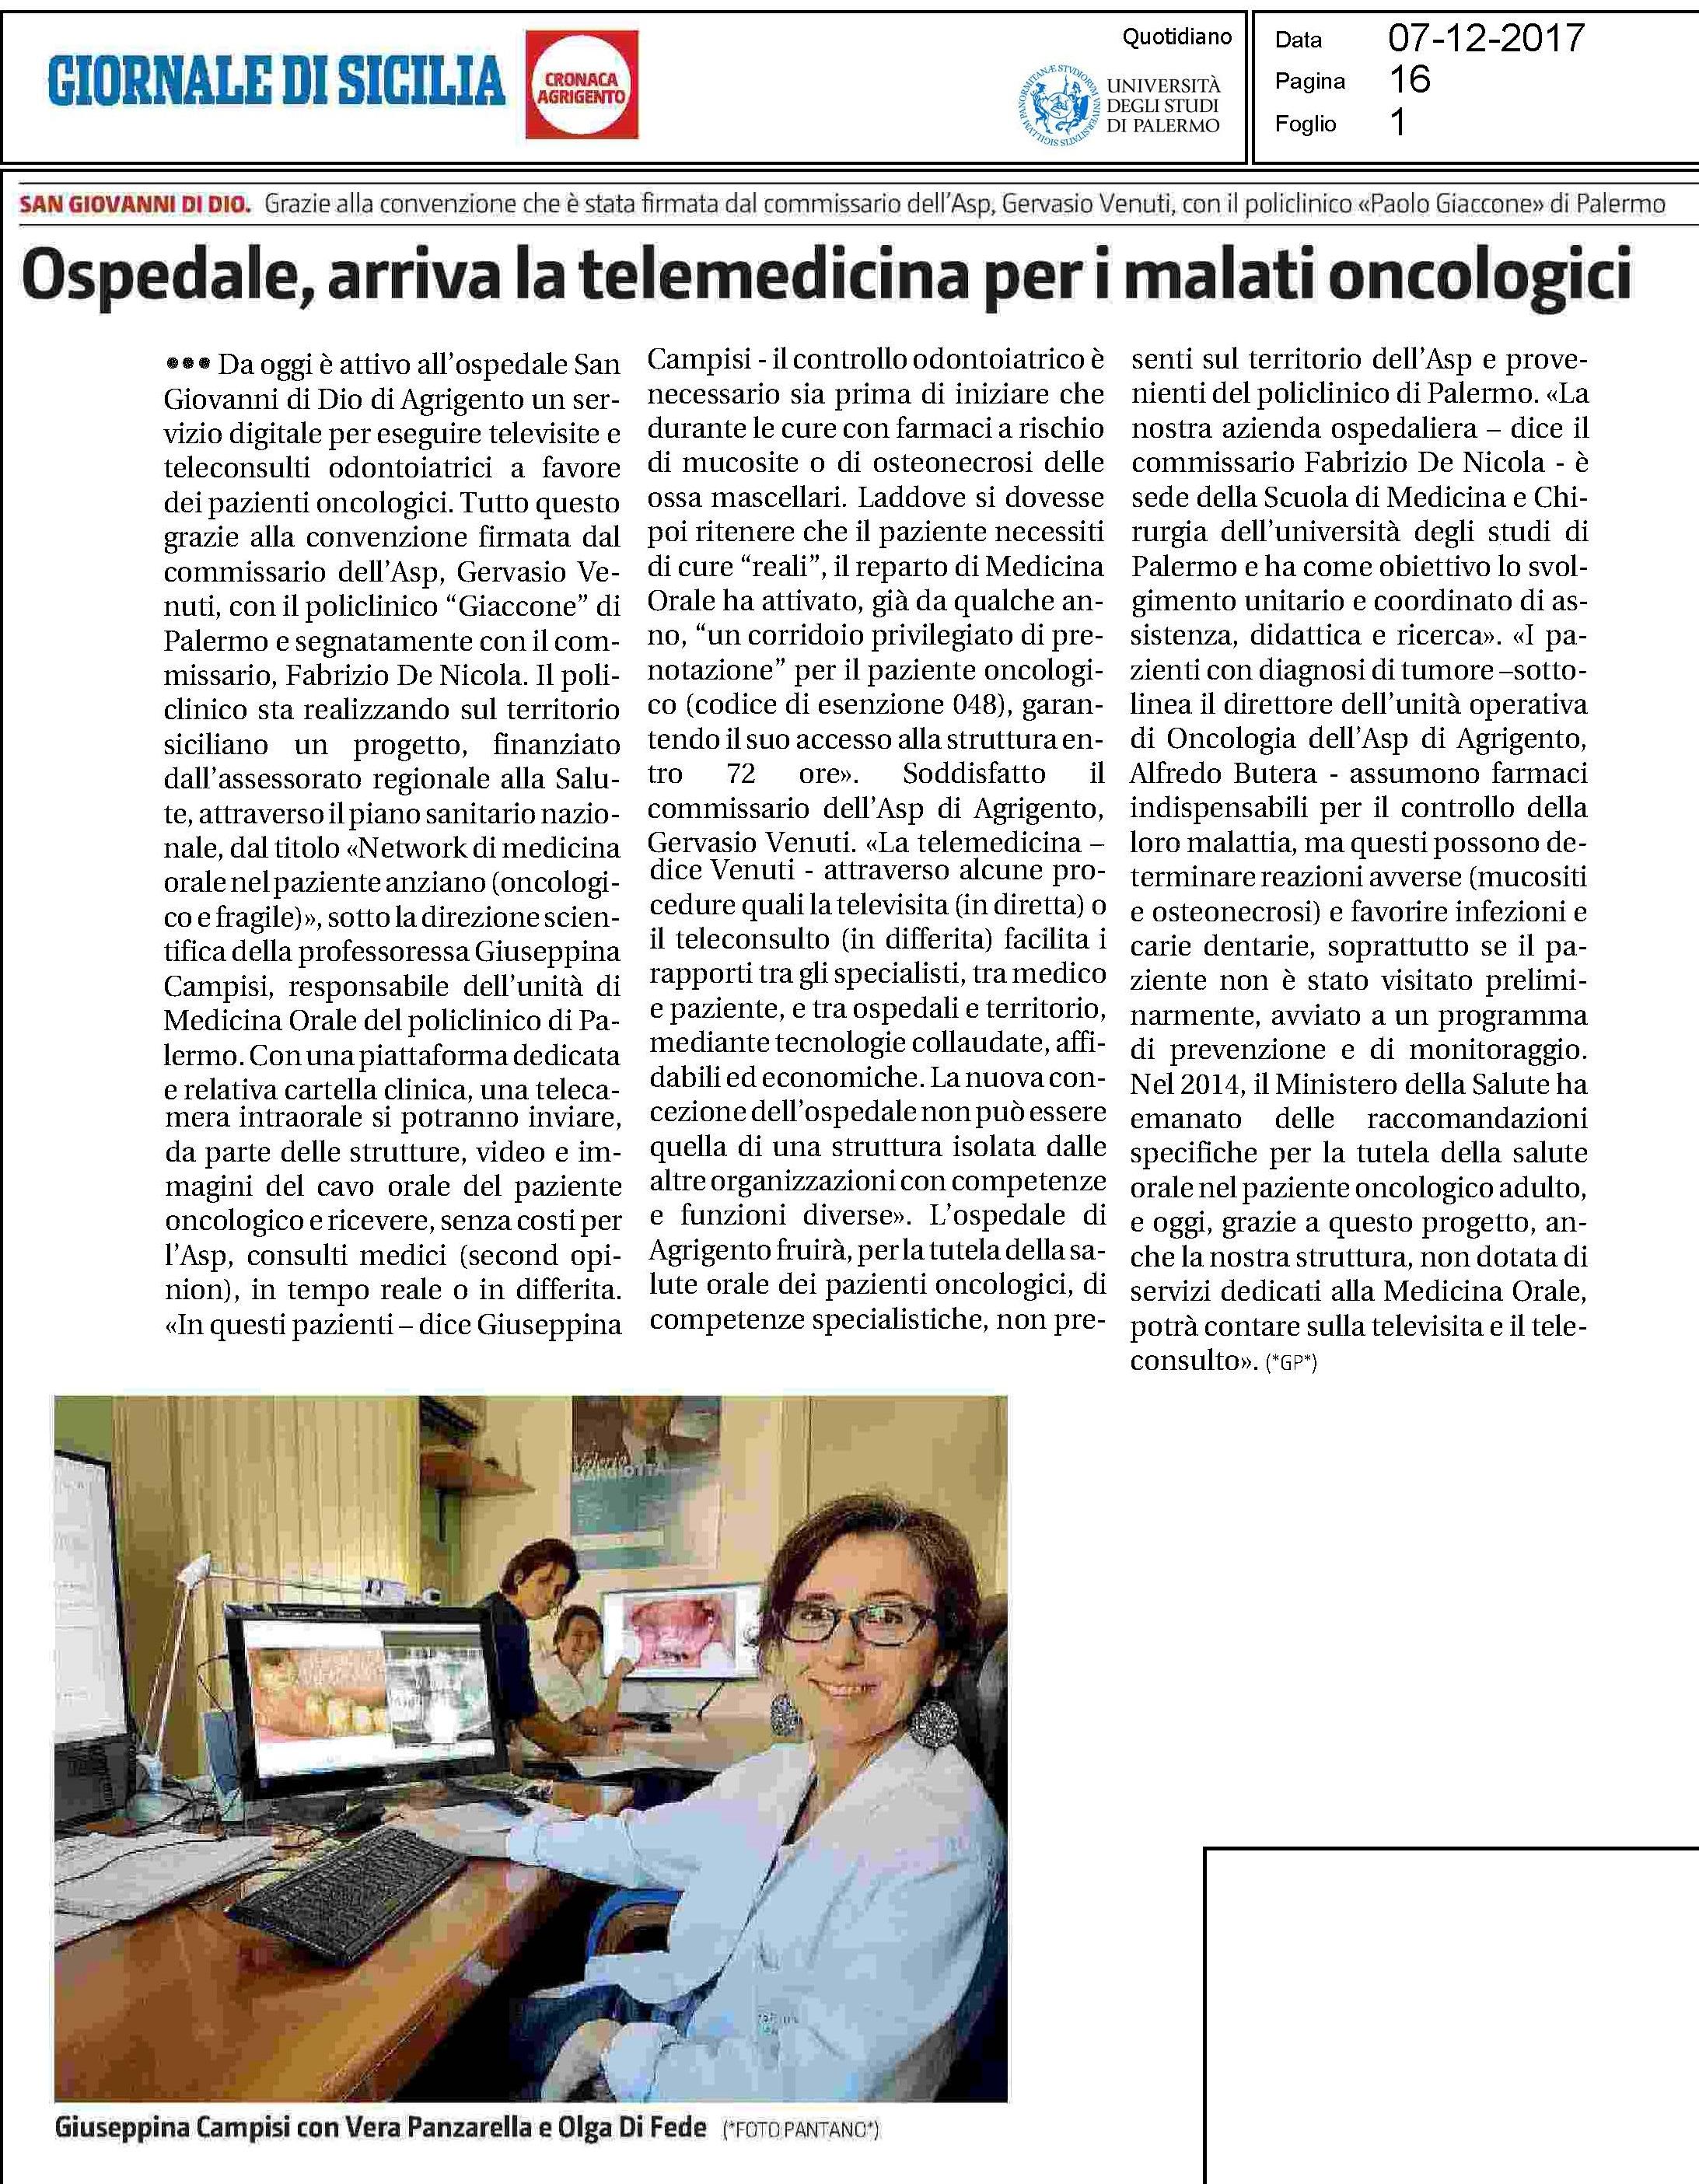 Articolo telemedicina odontostomatologica ad  Agrigento 7 dicembre 2017 GdS-1